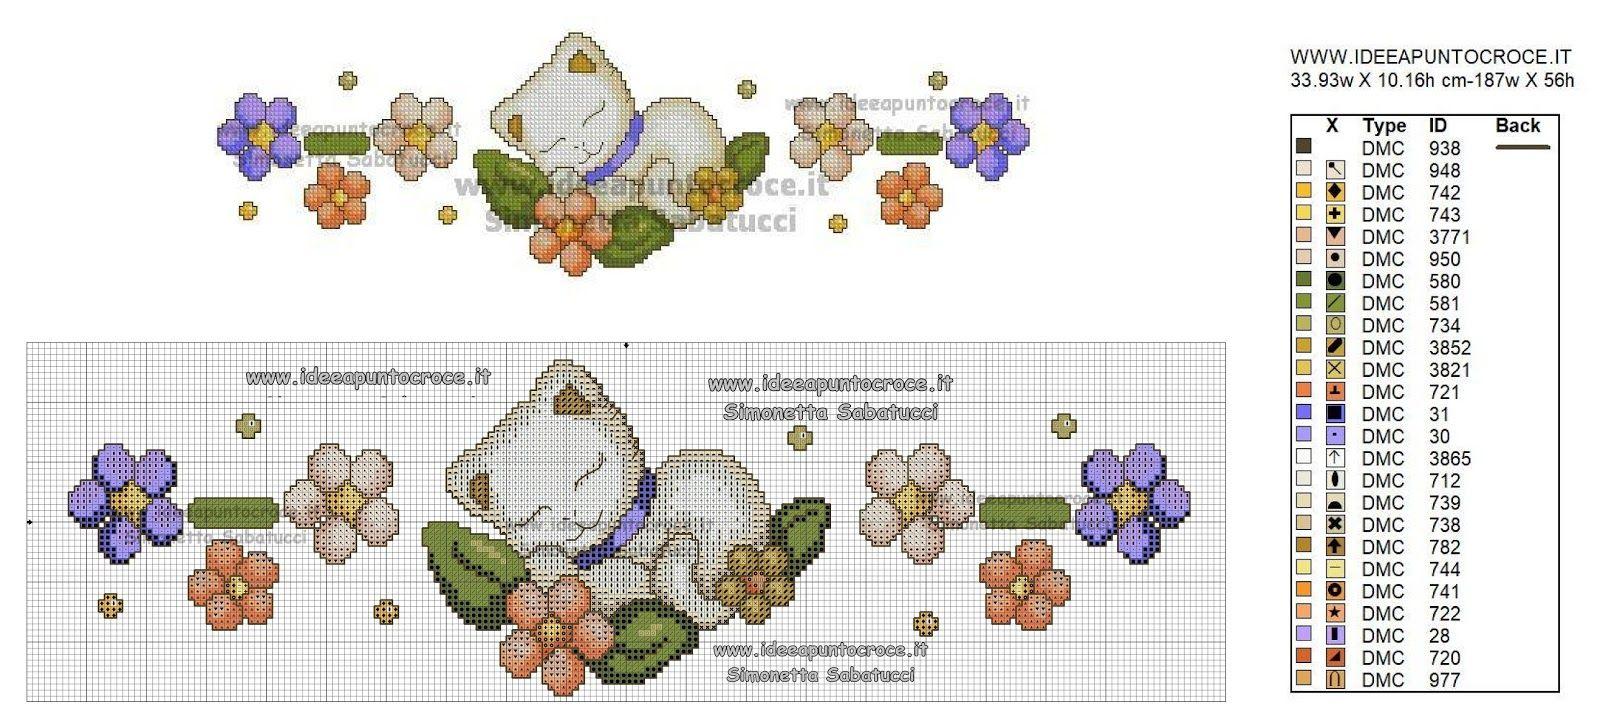 Schemi punto croce thun angeli girasoli cani gatti gufi for Schemi punto croce fiori e farfalle